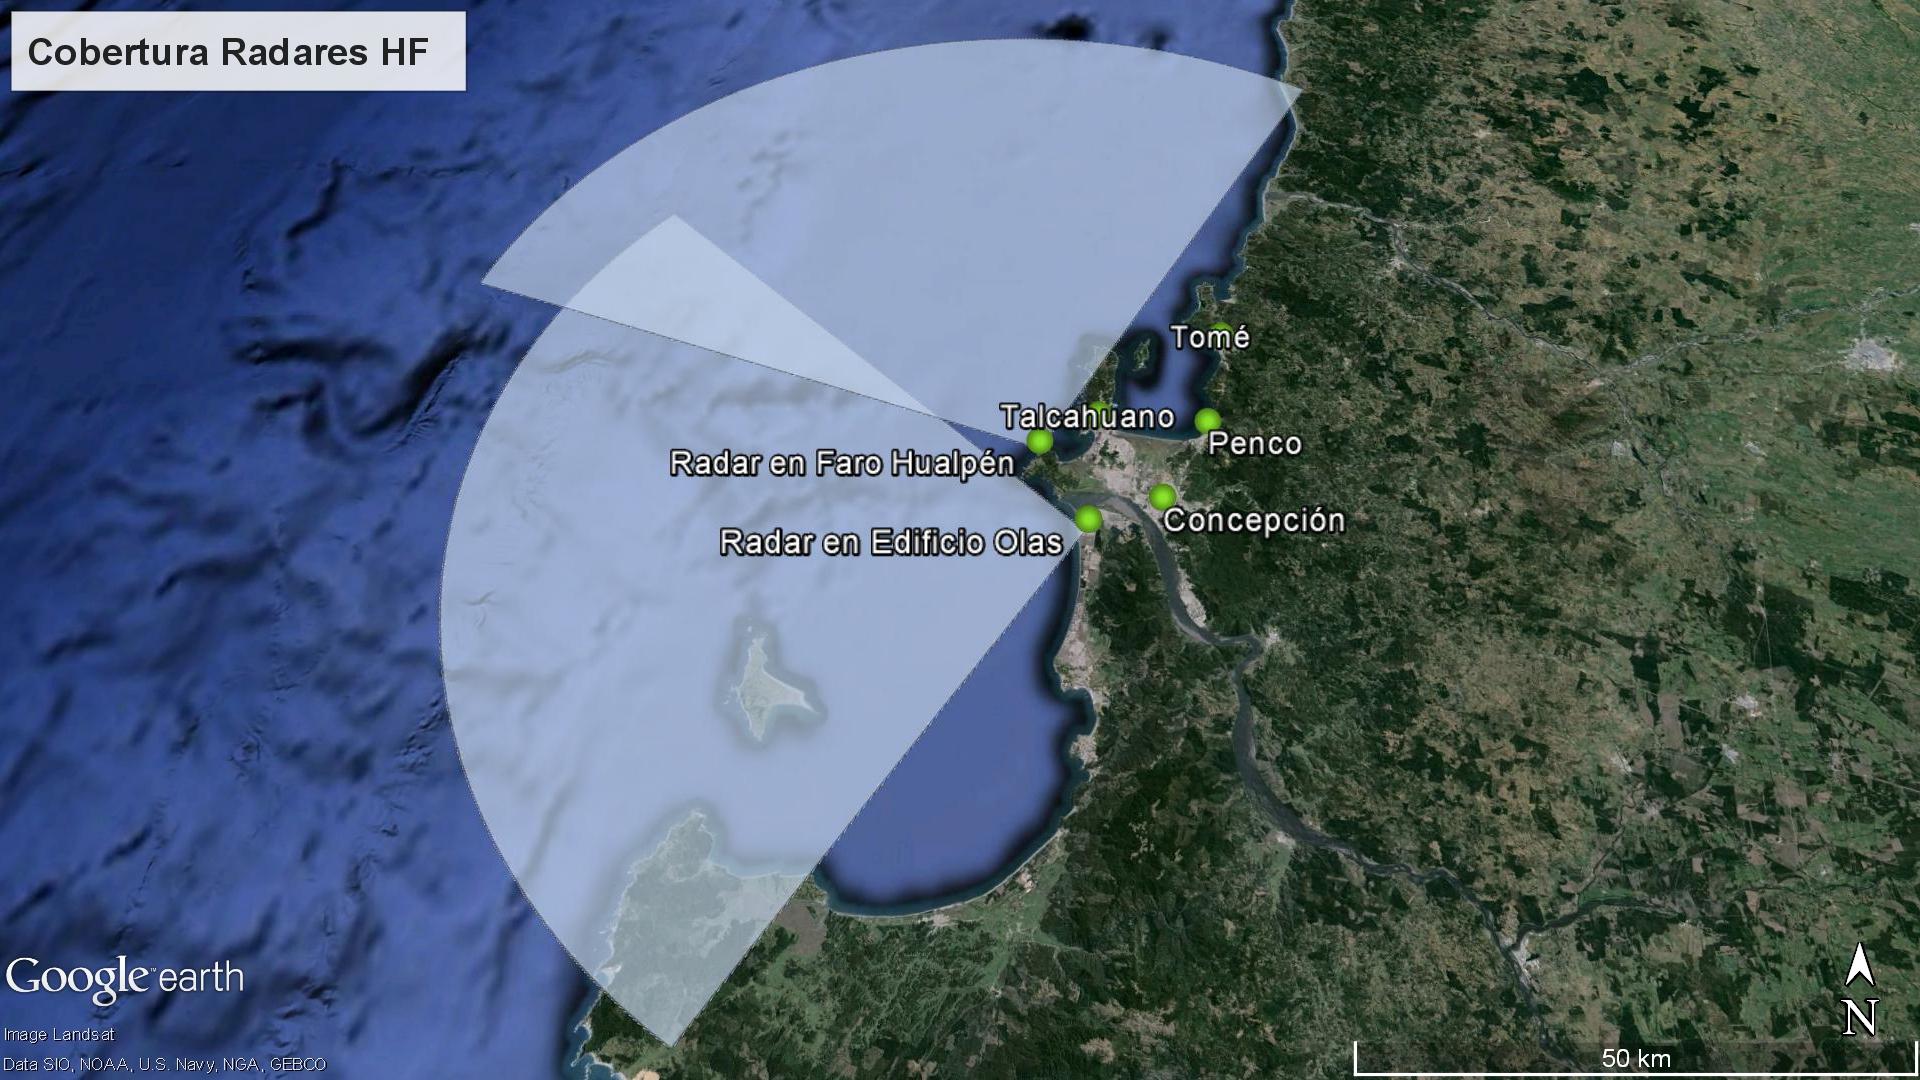 Cobertura y ubicación de radares HF